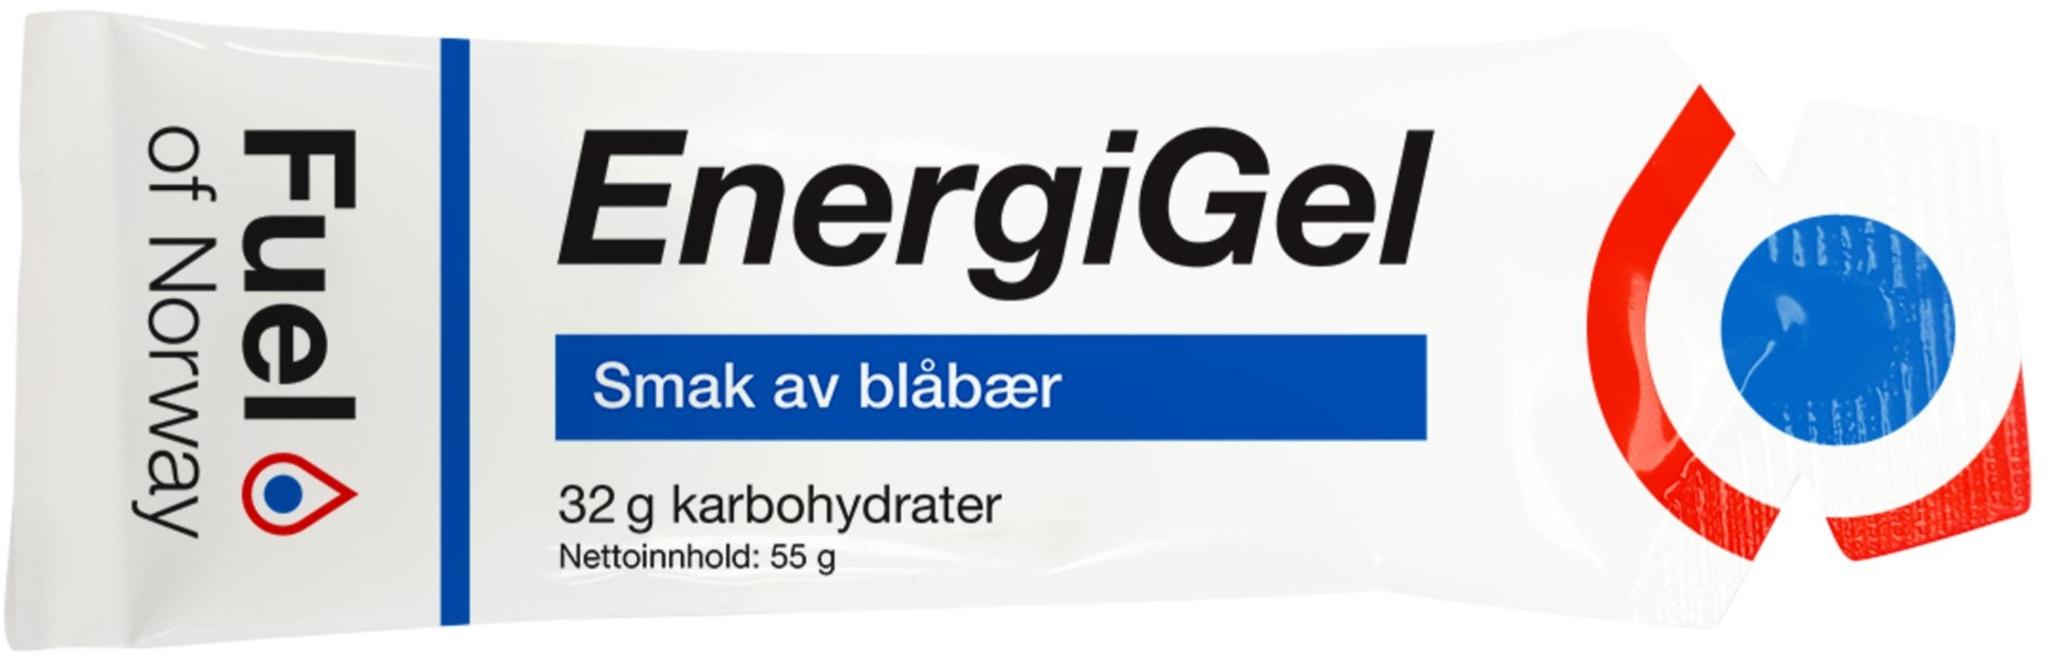 Energigel fra Fuel of Norway med forskjellige smaker og muligheten for koffein!